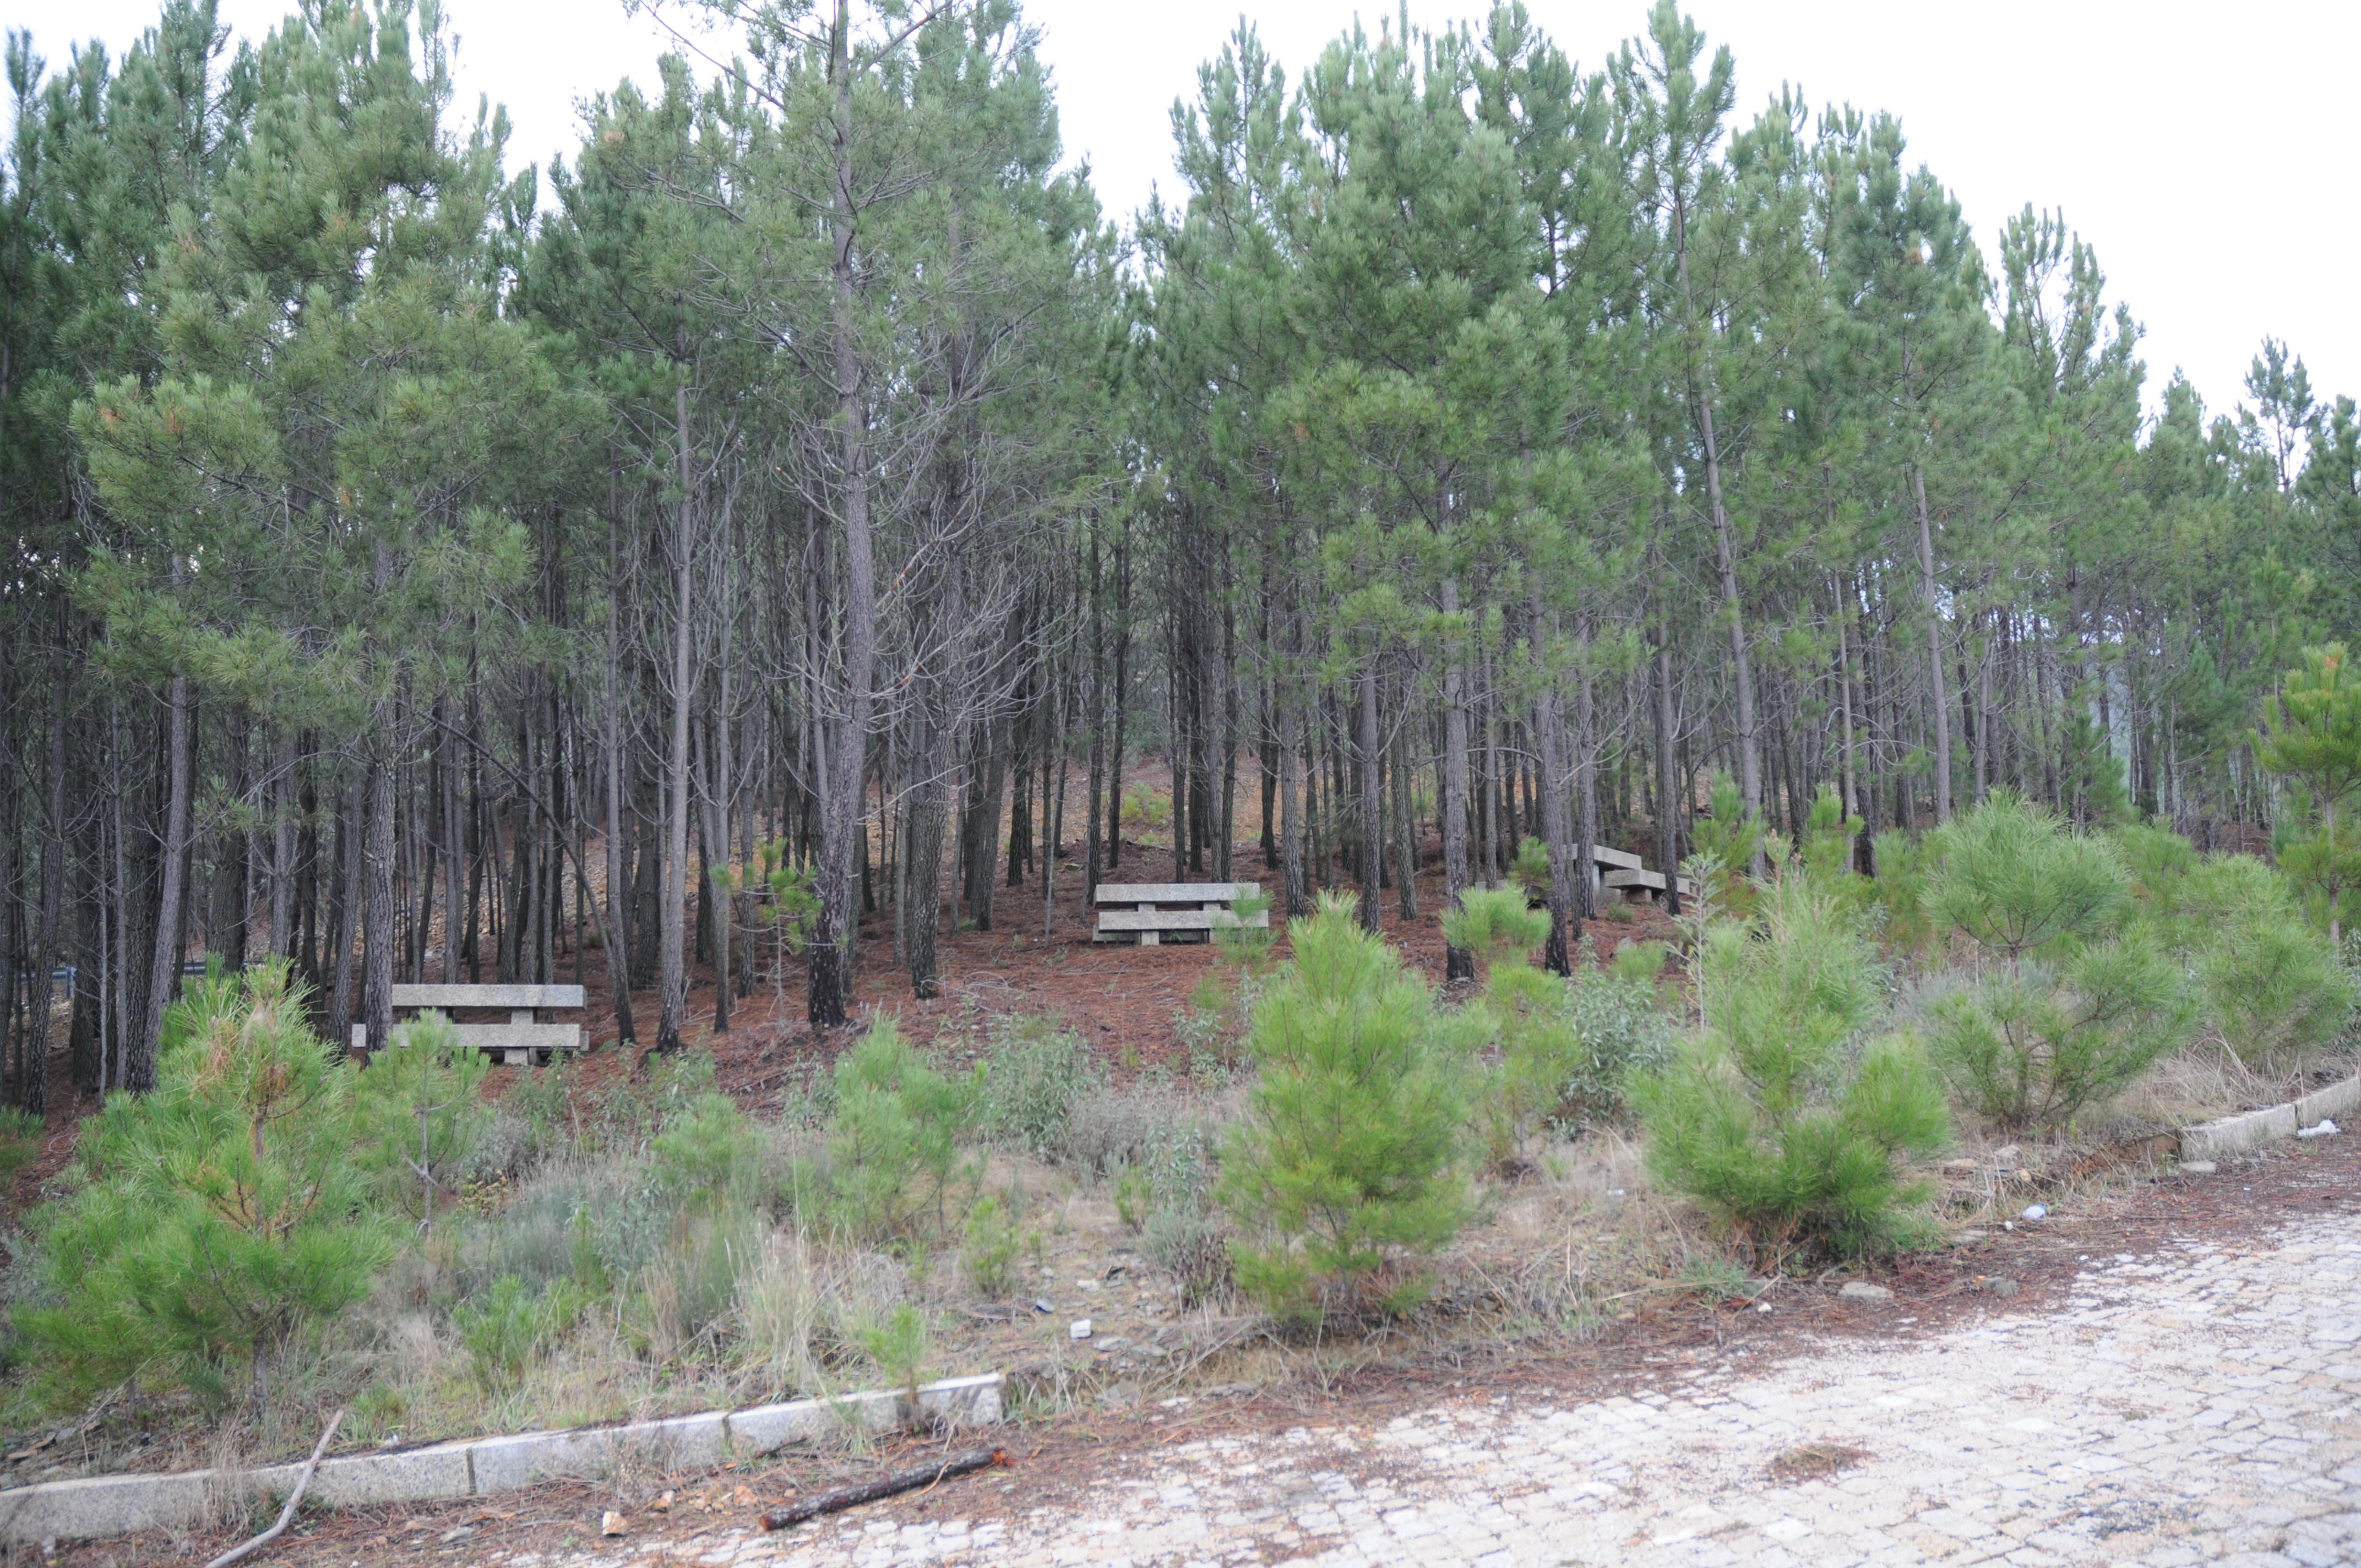 Parque merendas serra da contenda